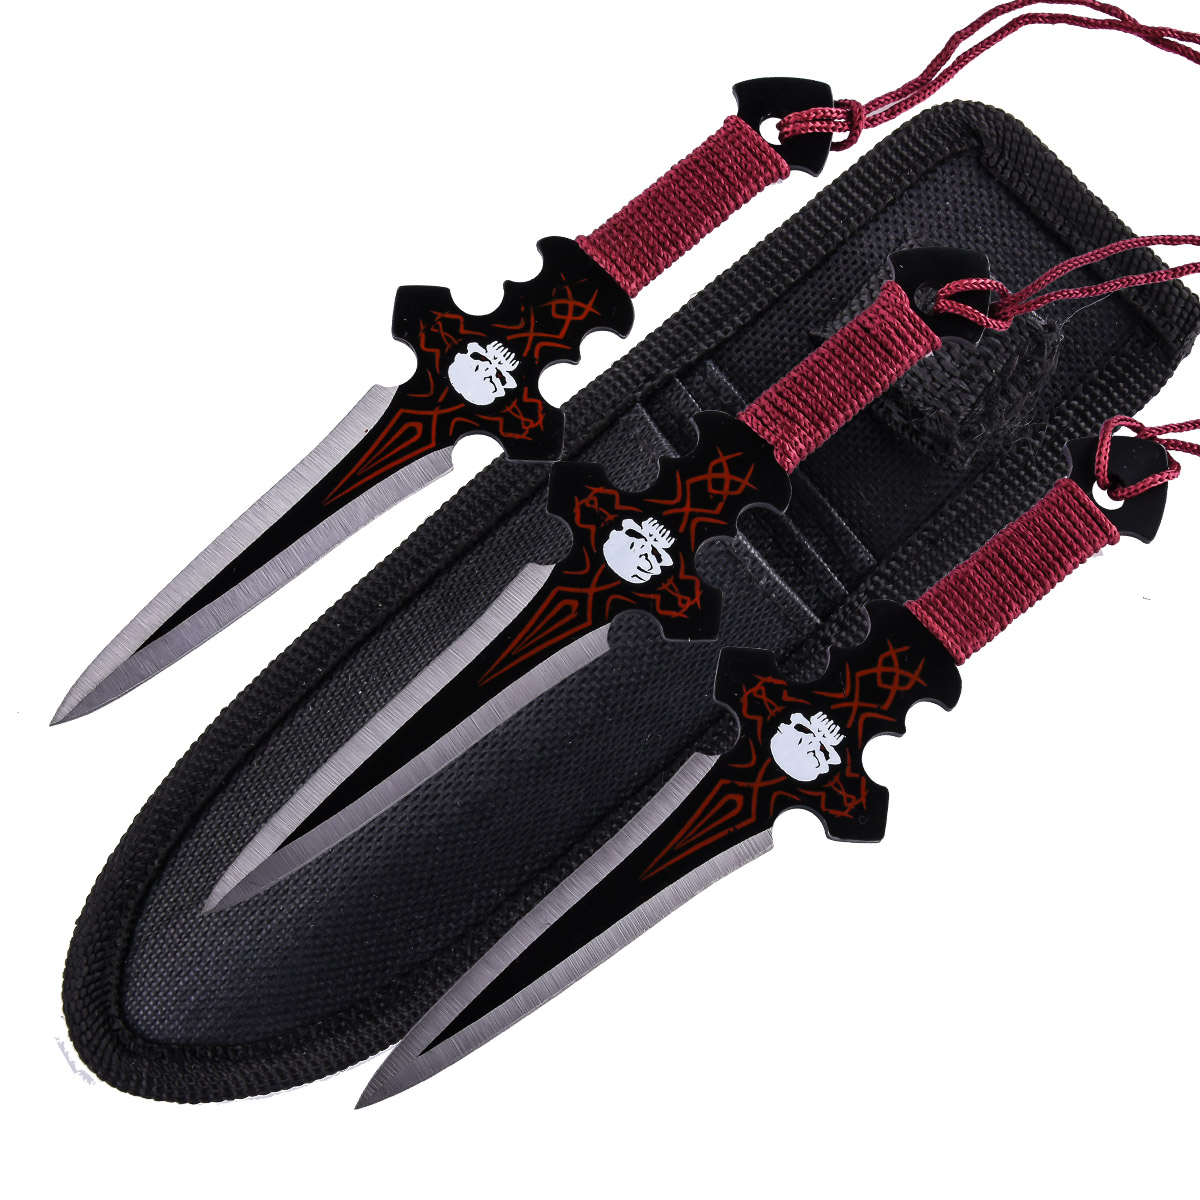 Метательные ножи купить в Орехово-Зуево